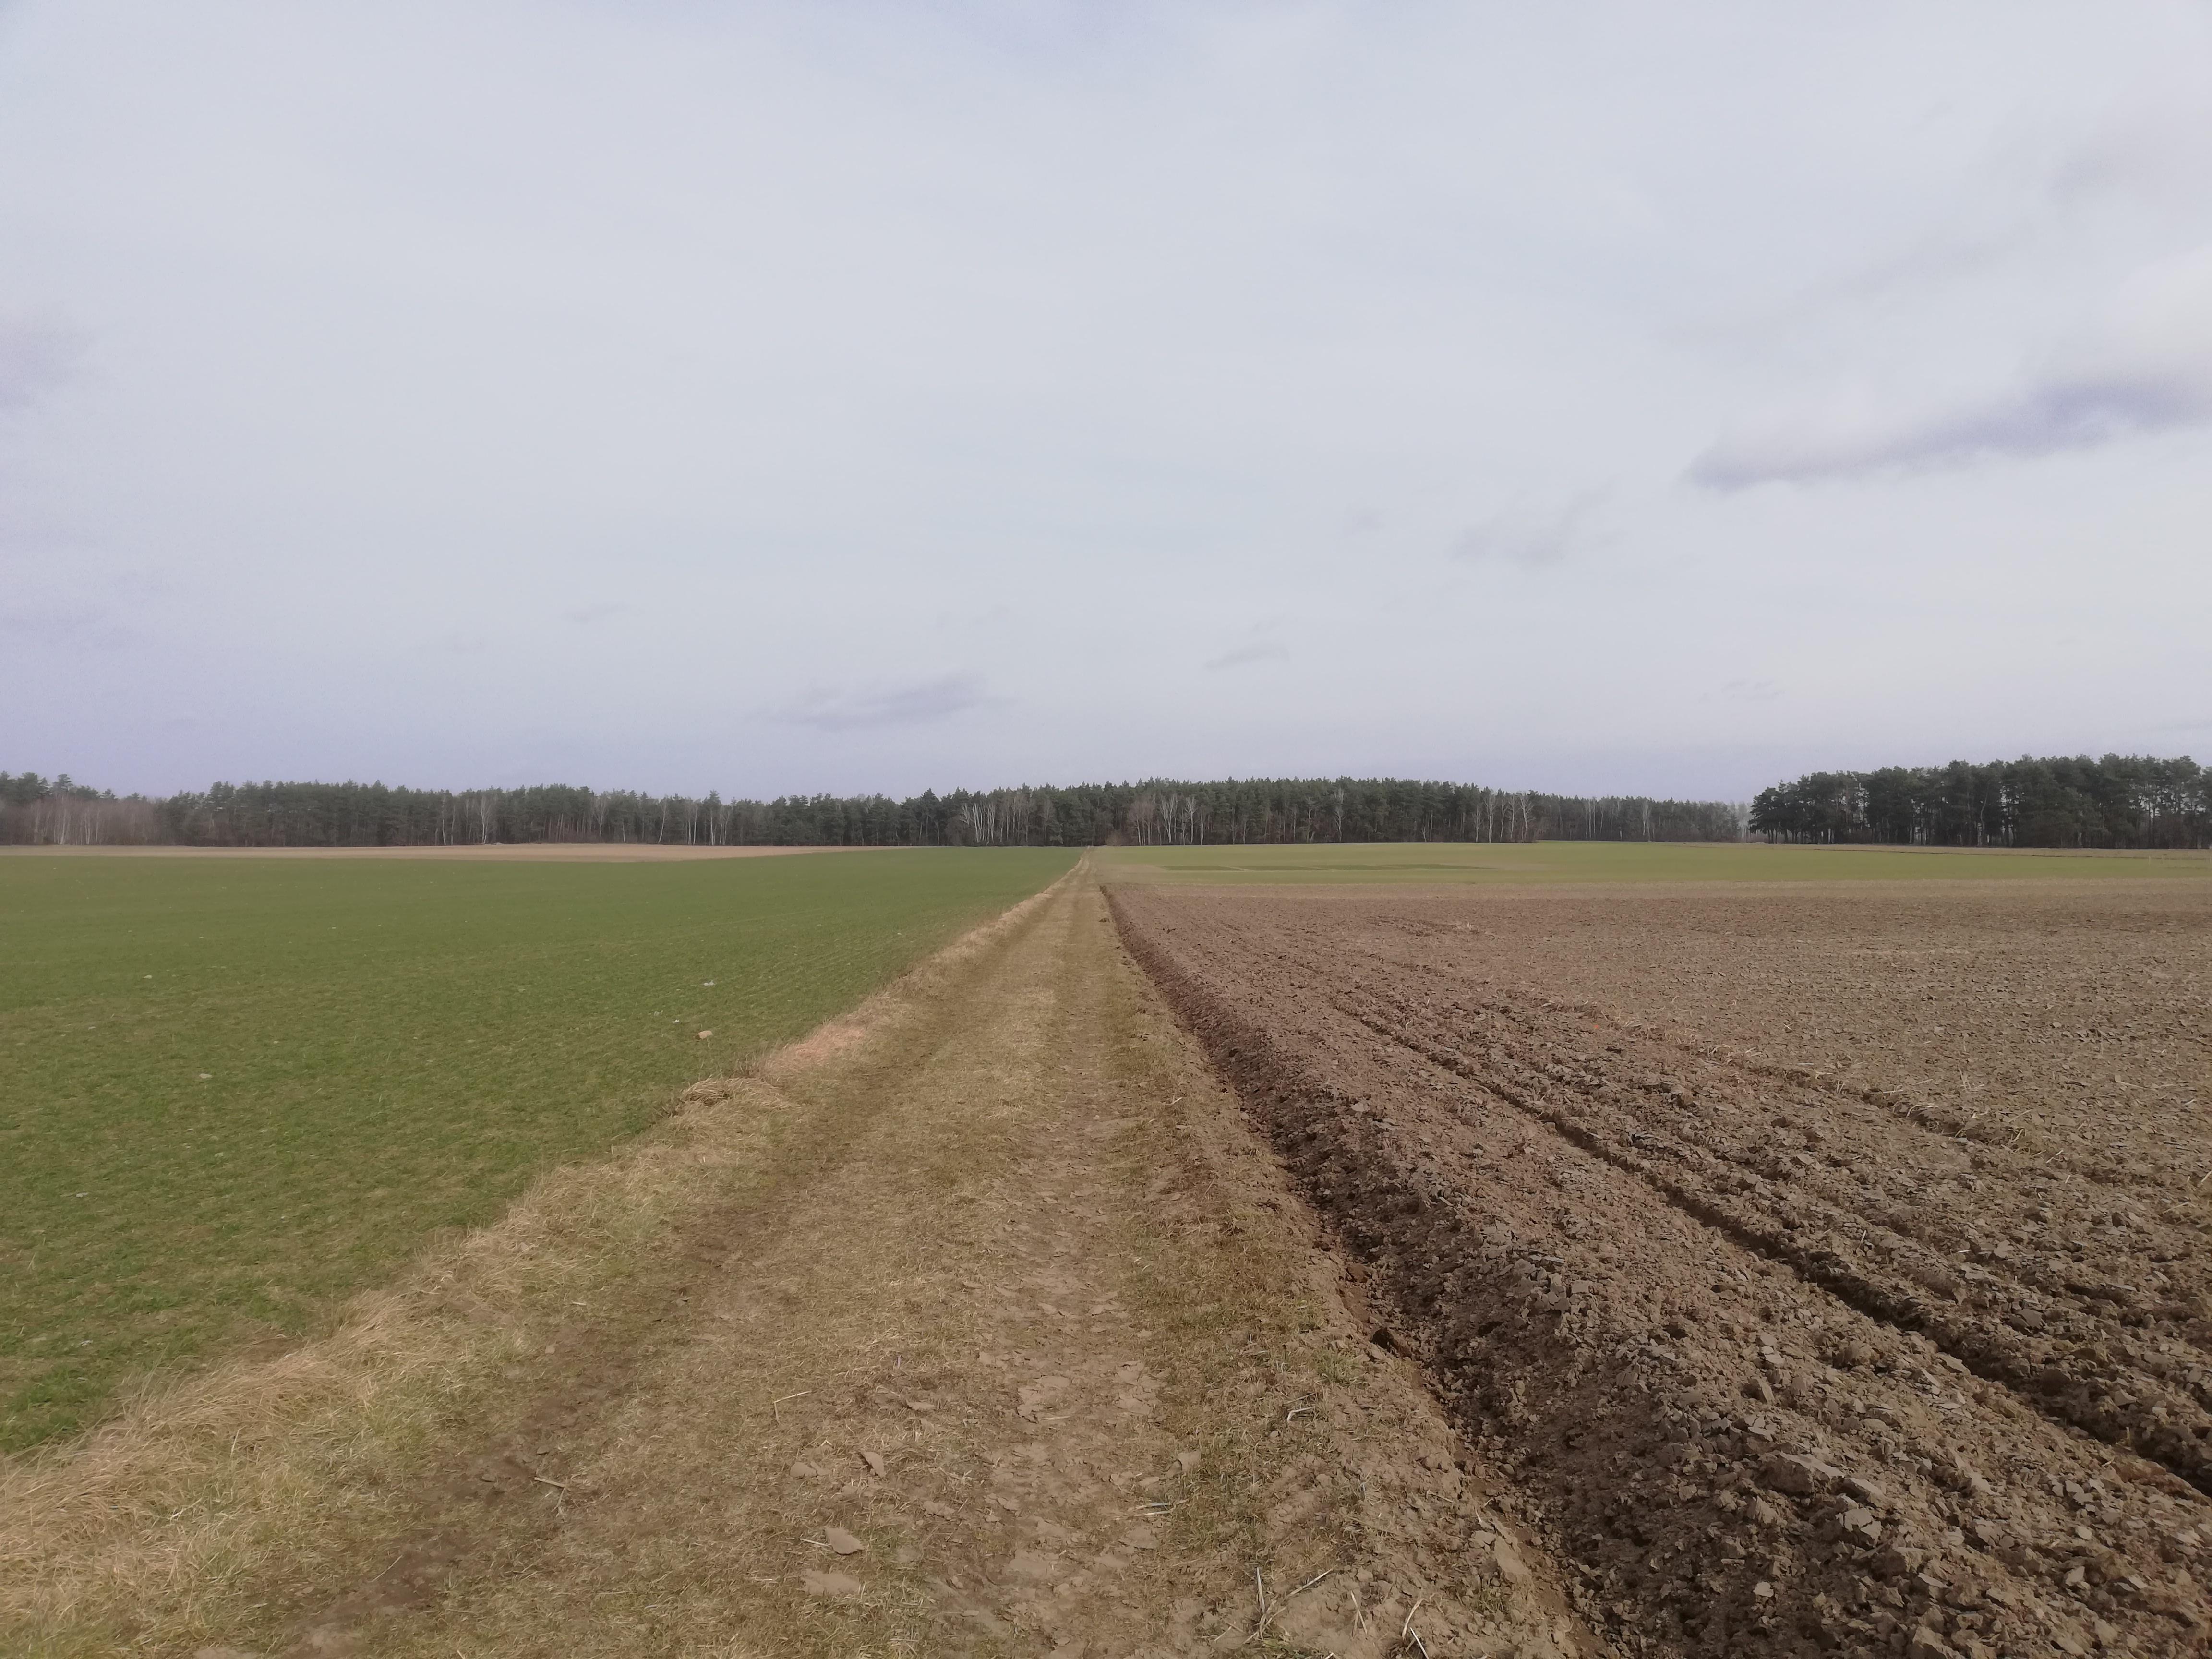 Otwarta przestrzeń z szeroką, wiejską drogą, po lewo trawa, po prawo ziemia orna, na horyzoncie pas lasu.